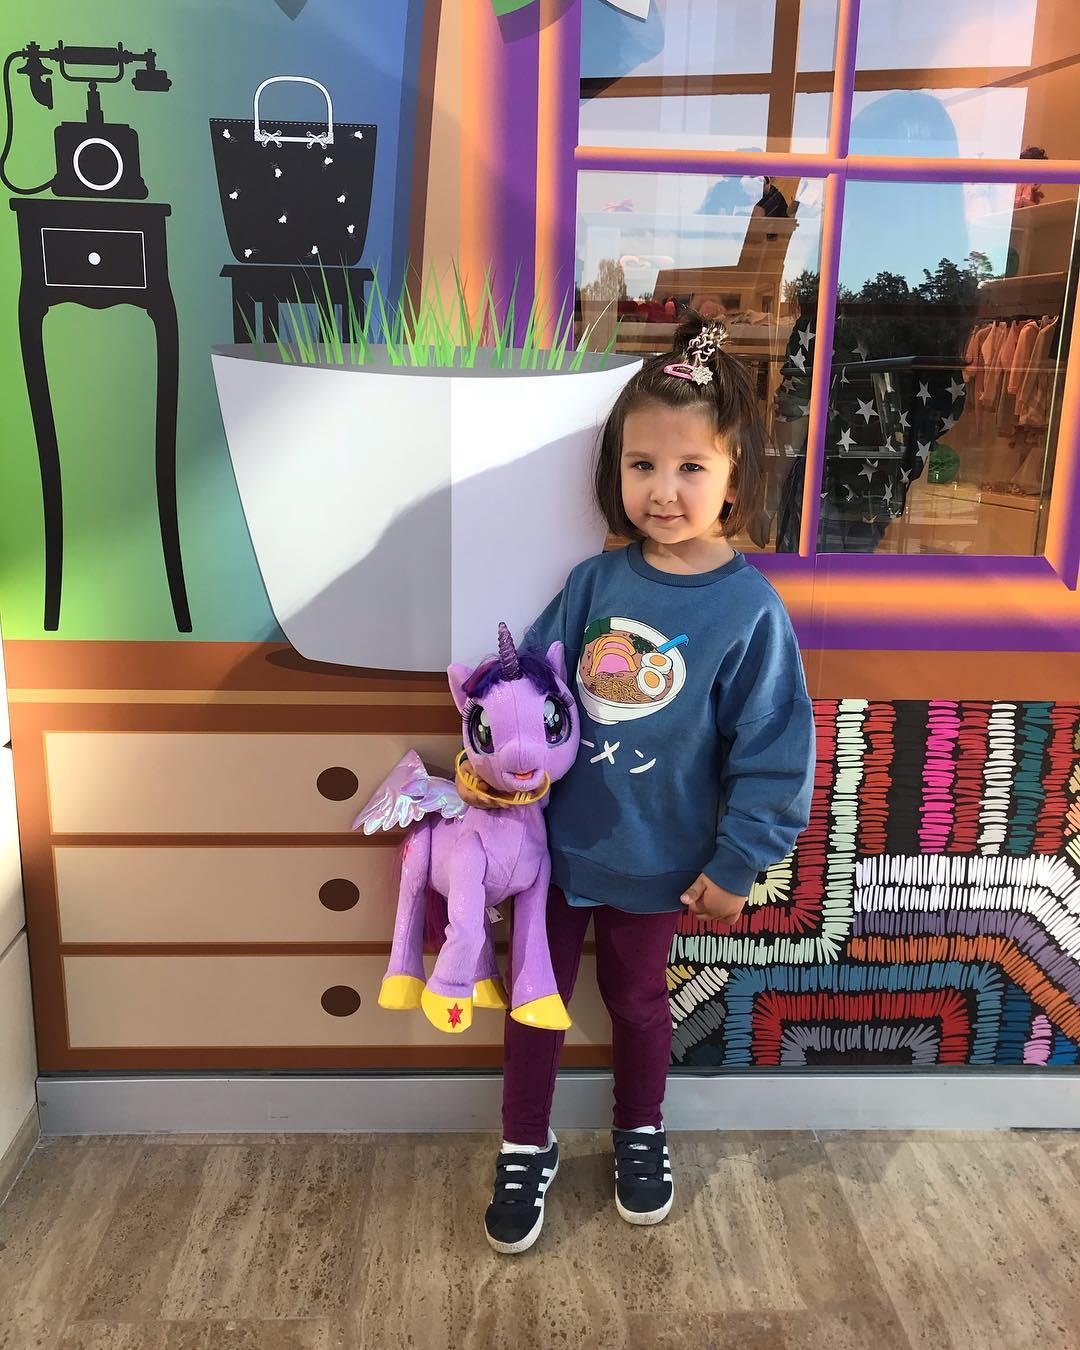 Сходство поразительное: Иван Ургант удивил публику снимком маленькой дочери, в точности похожей на него